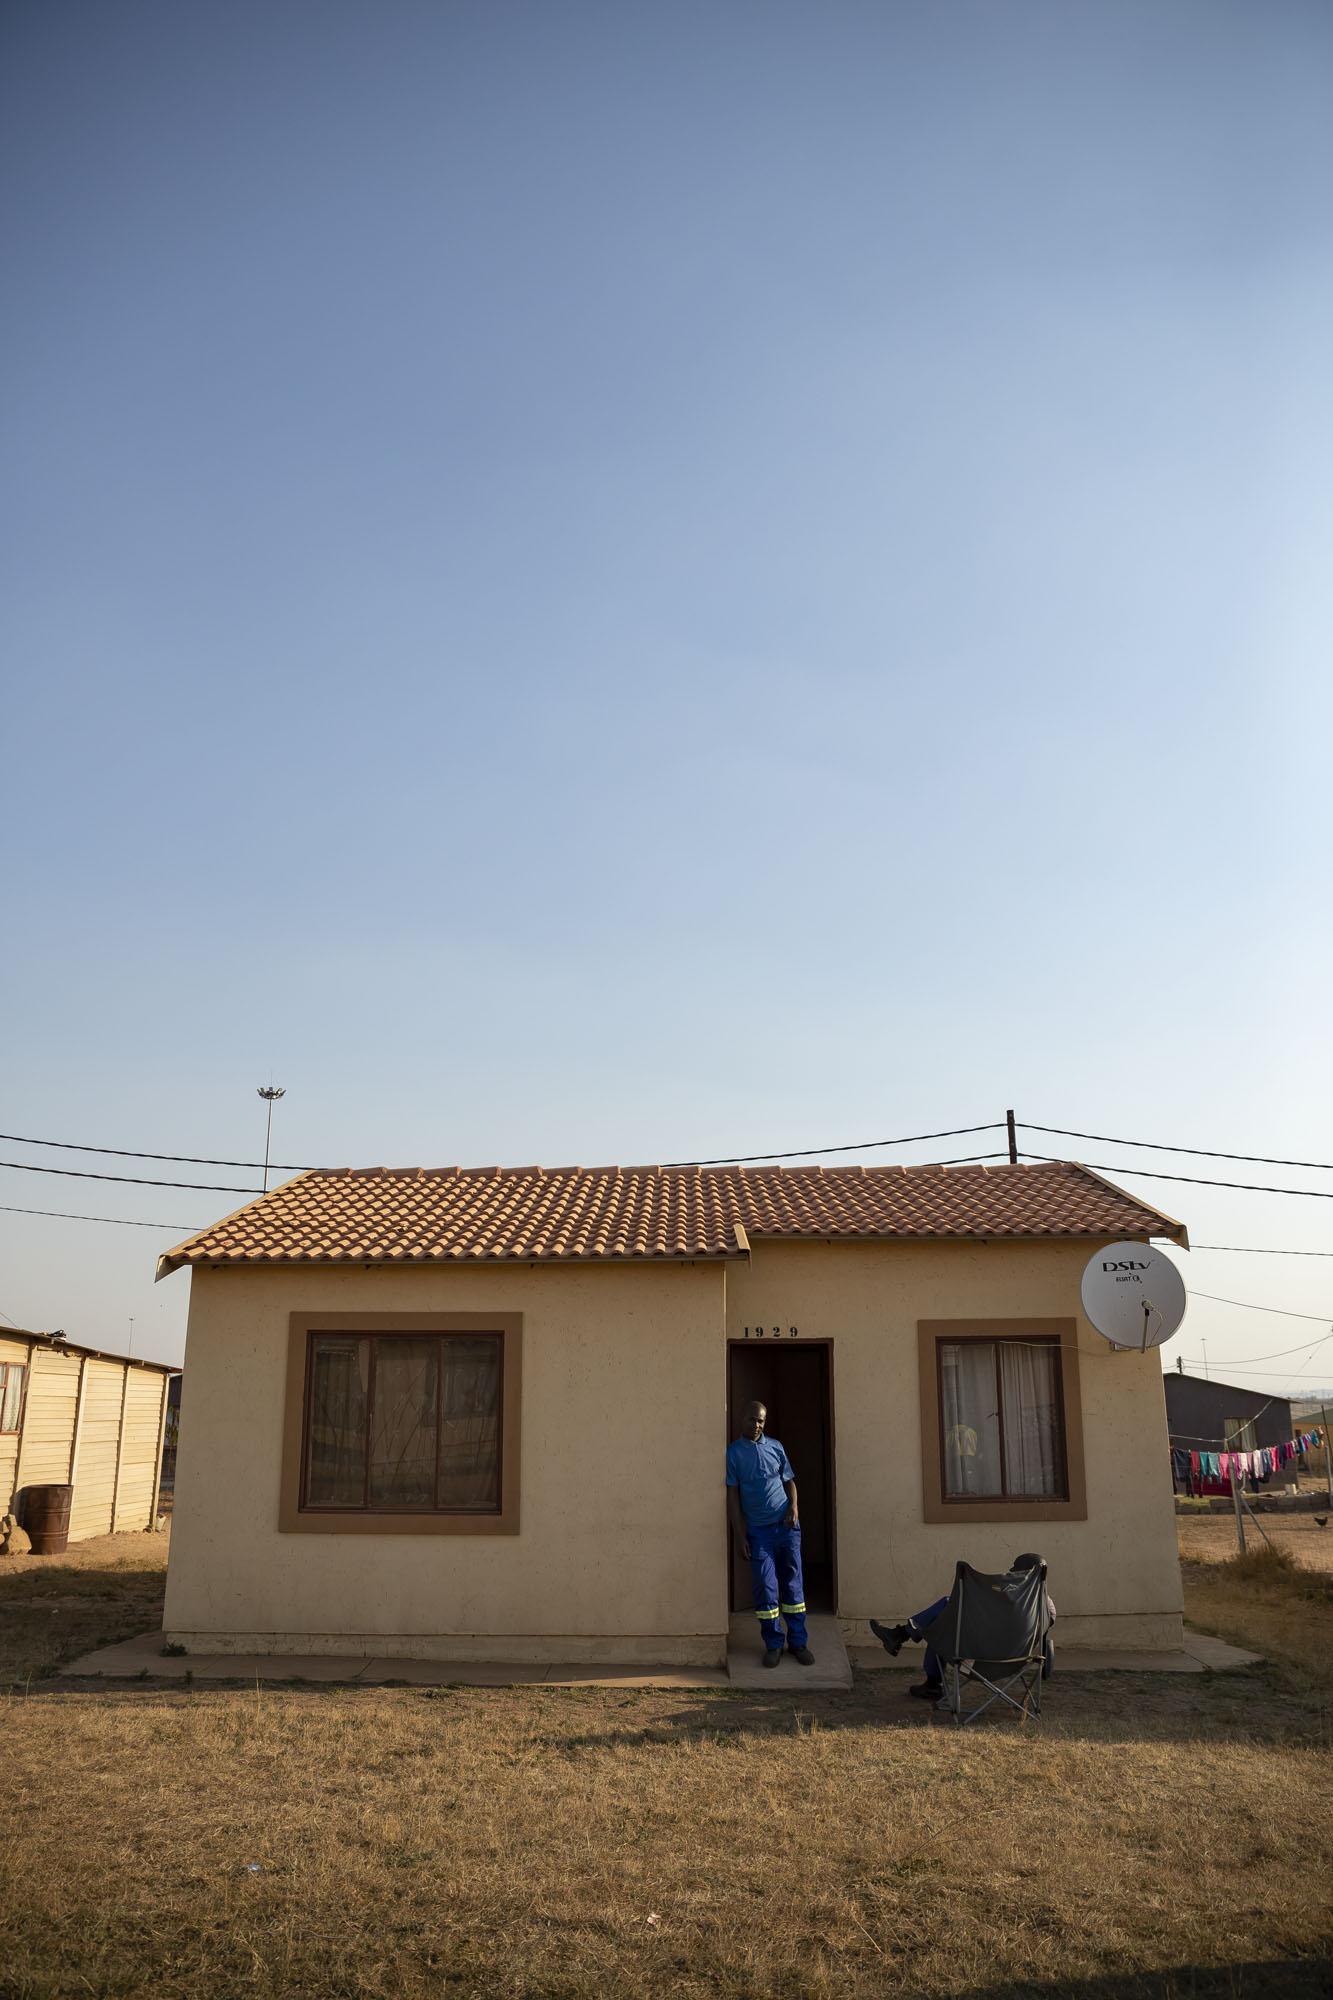 Klipfontein221